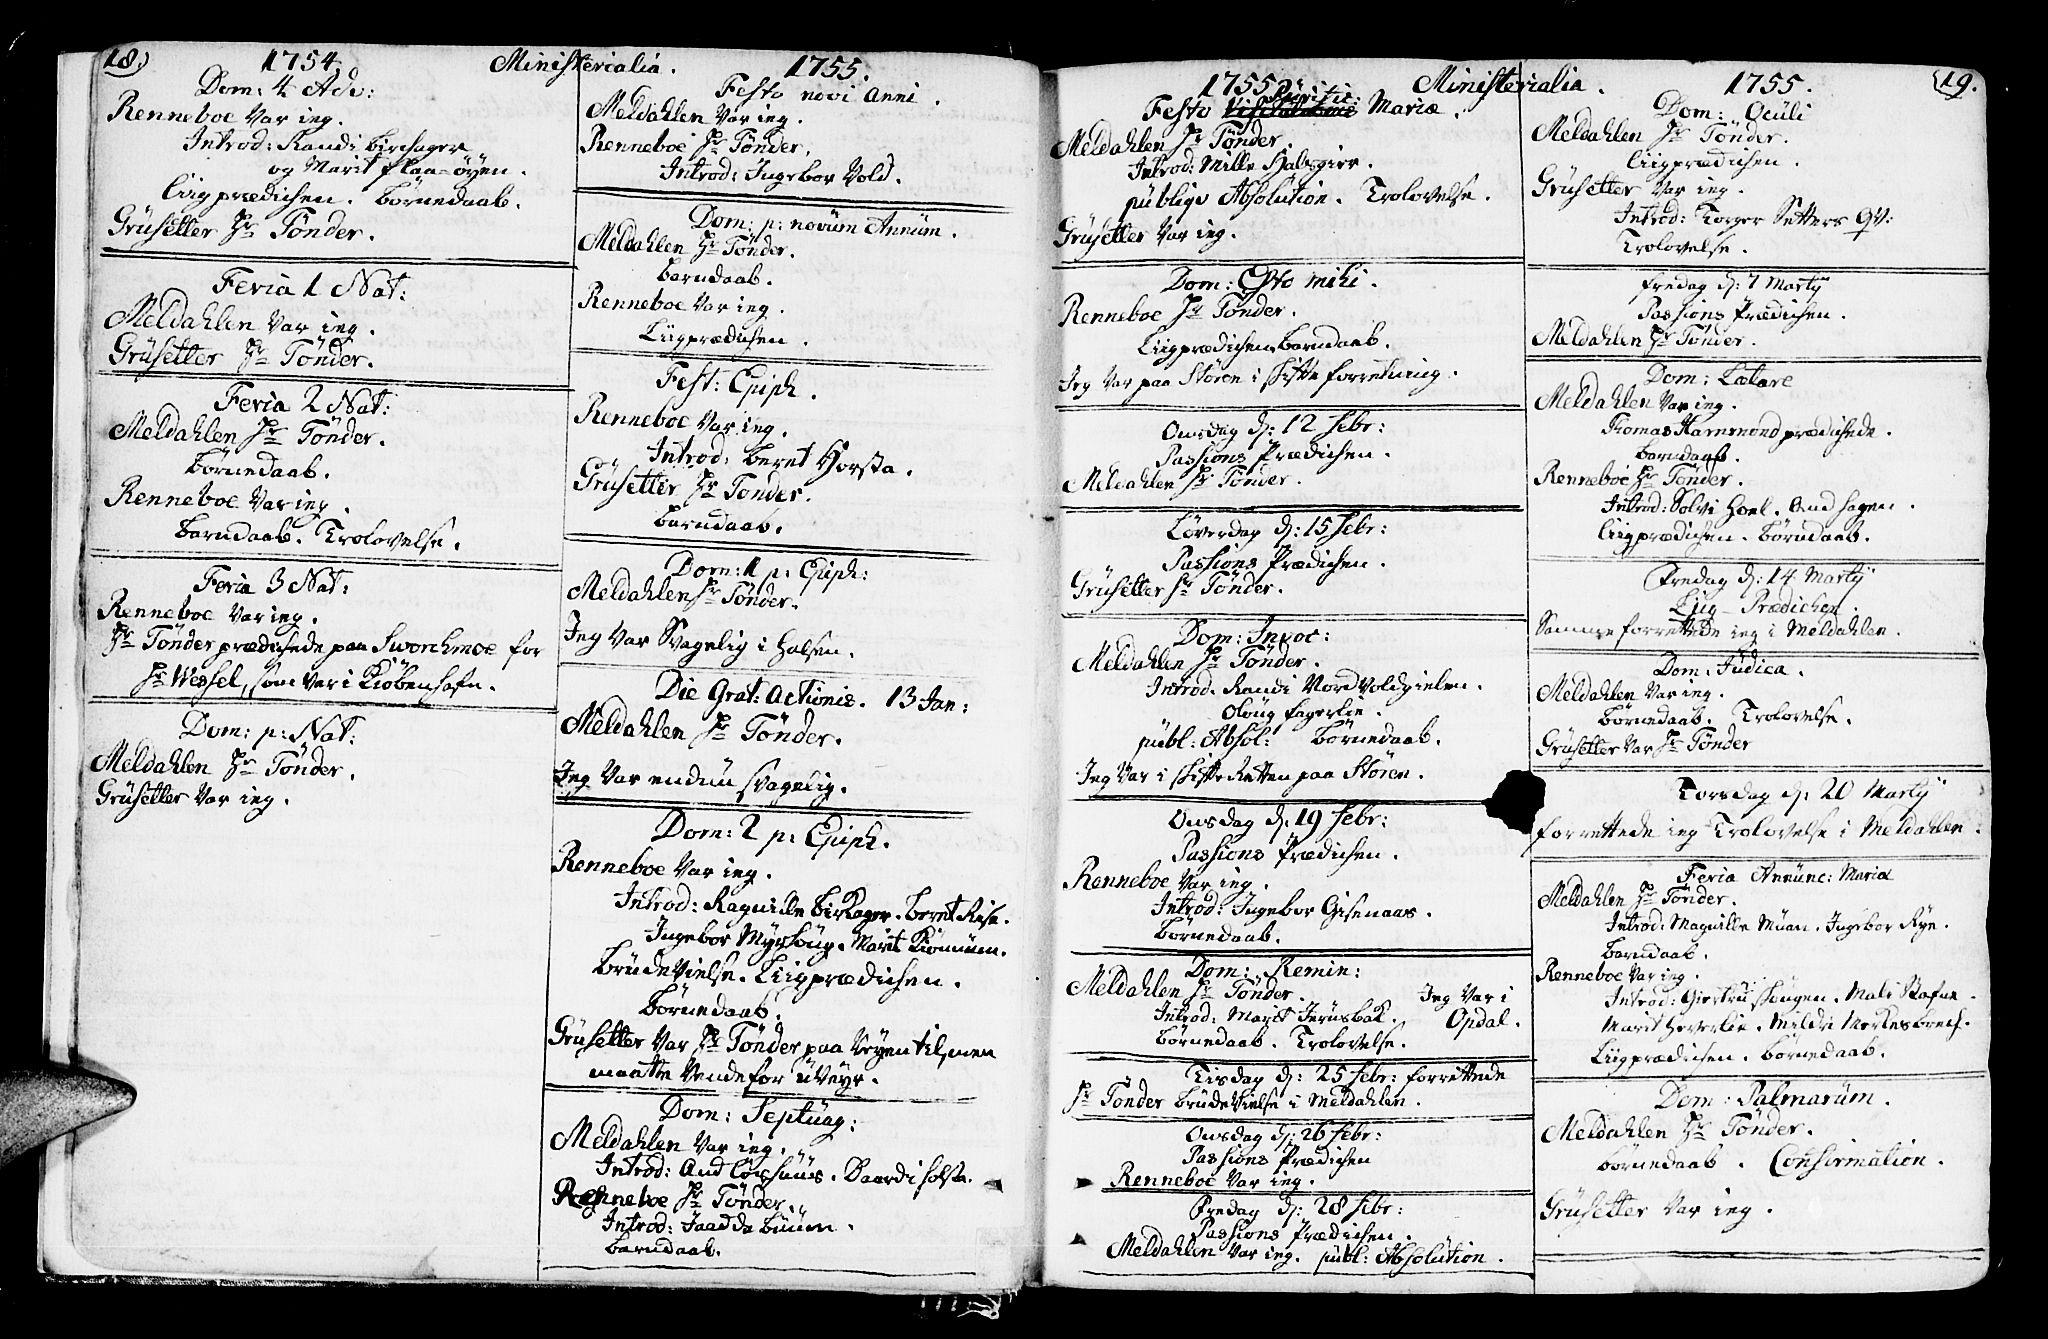 SAT, Ministerialprotokoller, klokkerbøker og fødselsregistre - Sør-Trøndelag, 672/L0851: Ministerialbok nr. 672A04, 1751-1775, s. 18-19